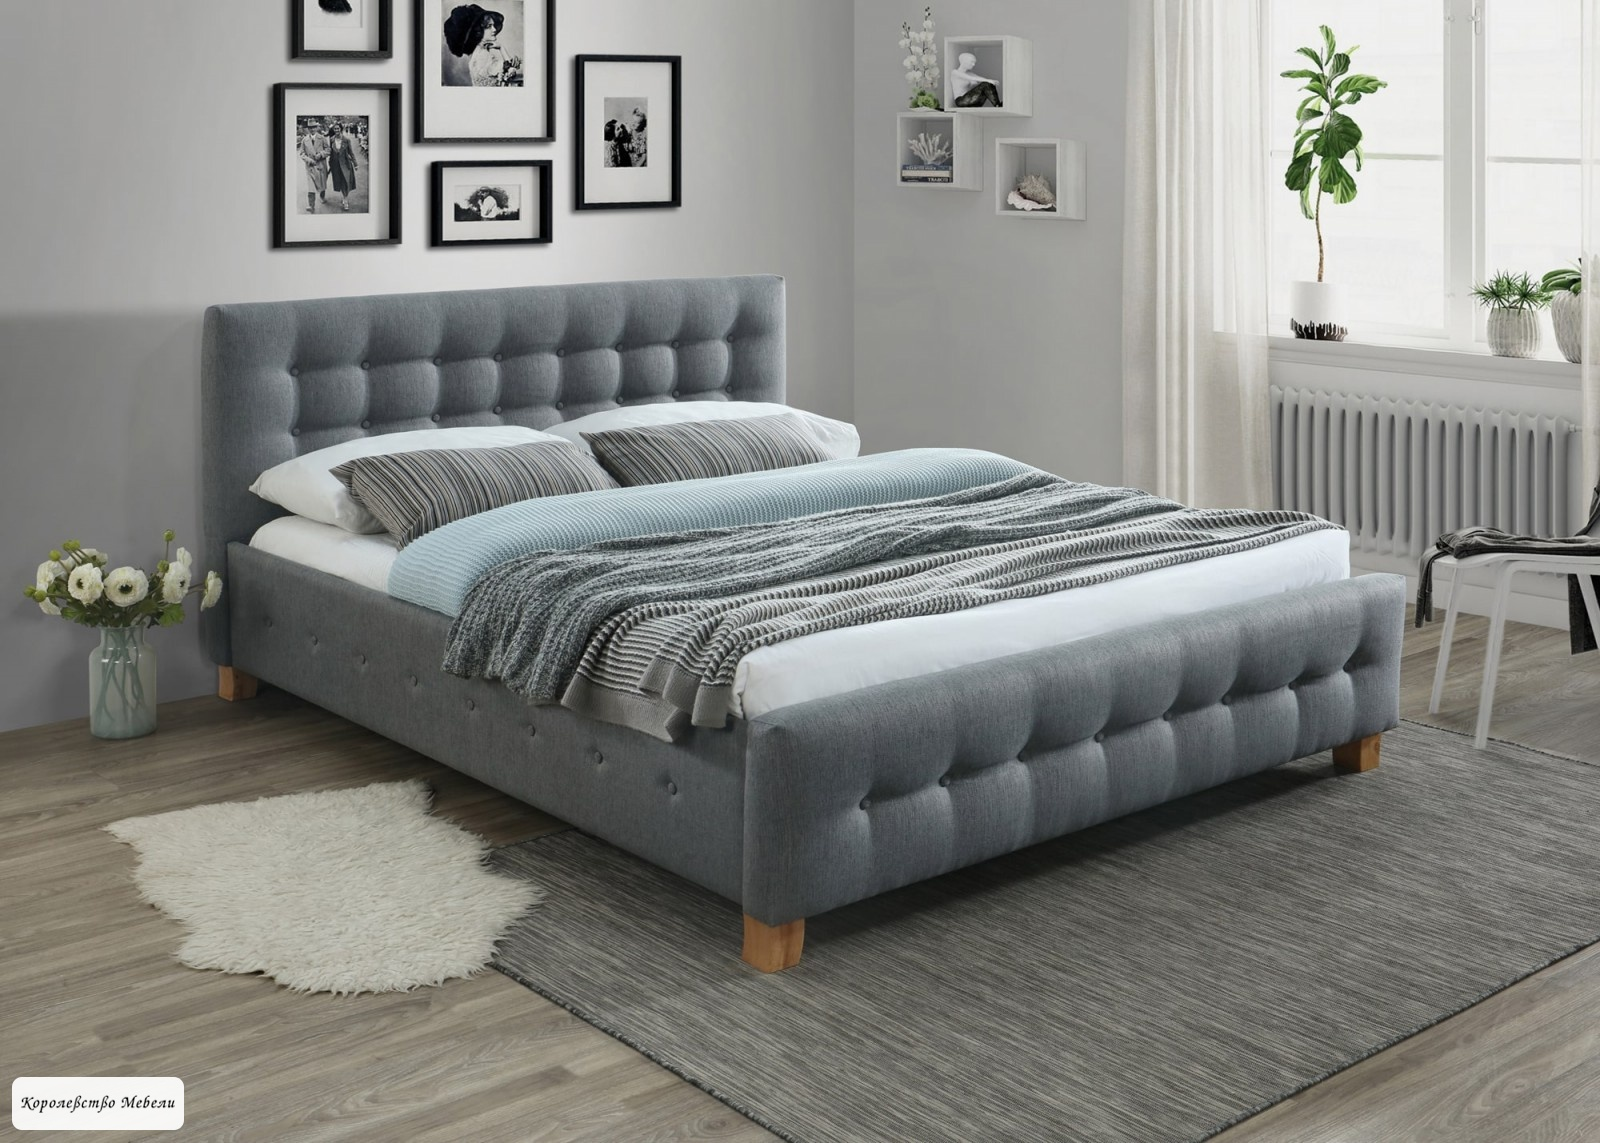 Кровать BARCELONA (160*200) cерая,с основанием